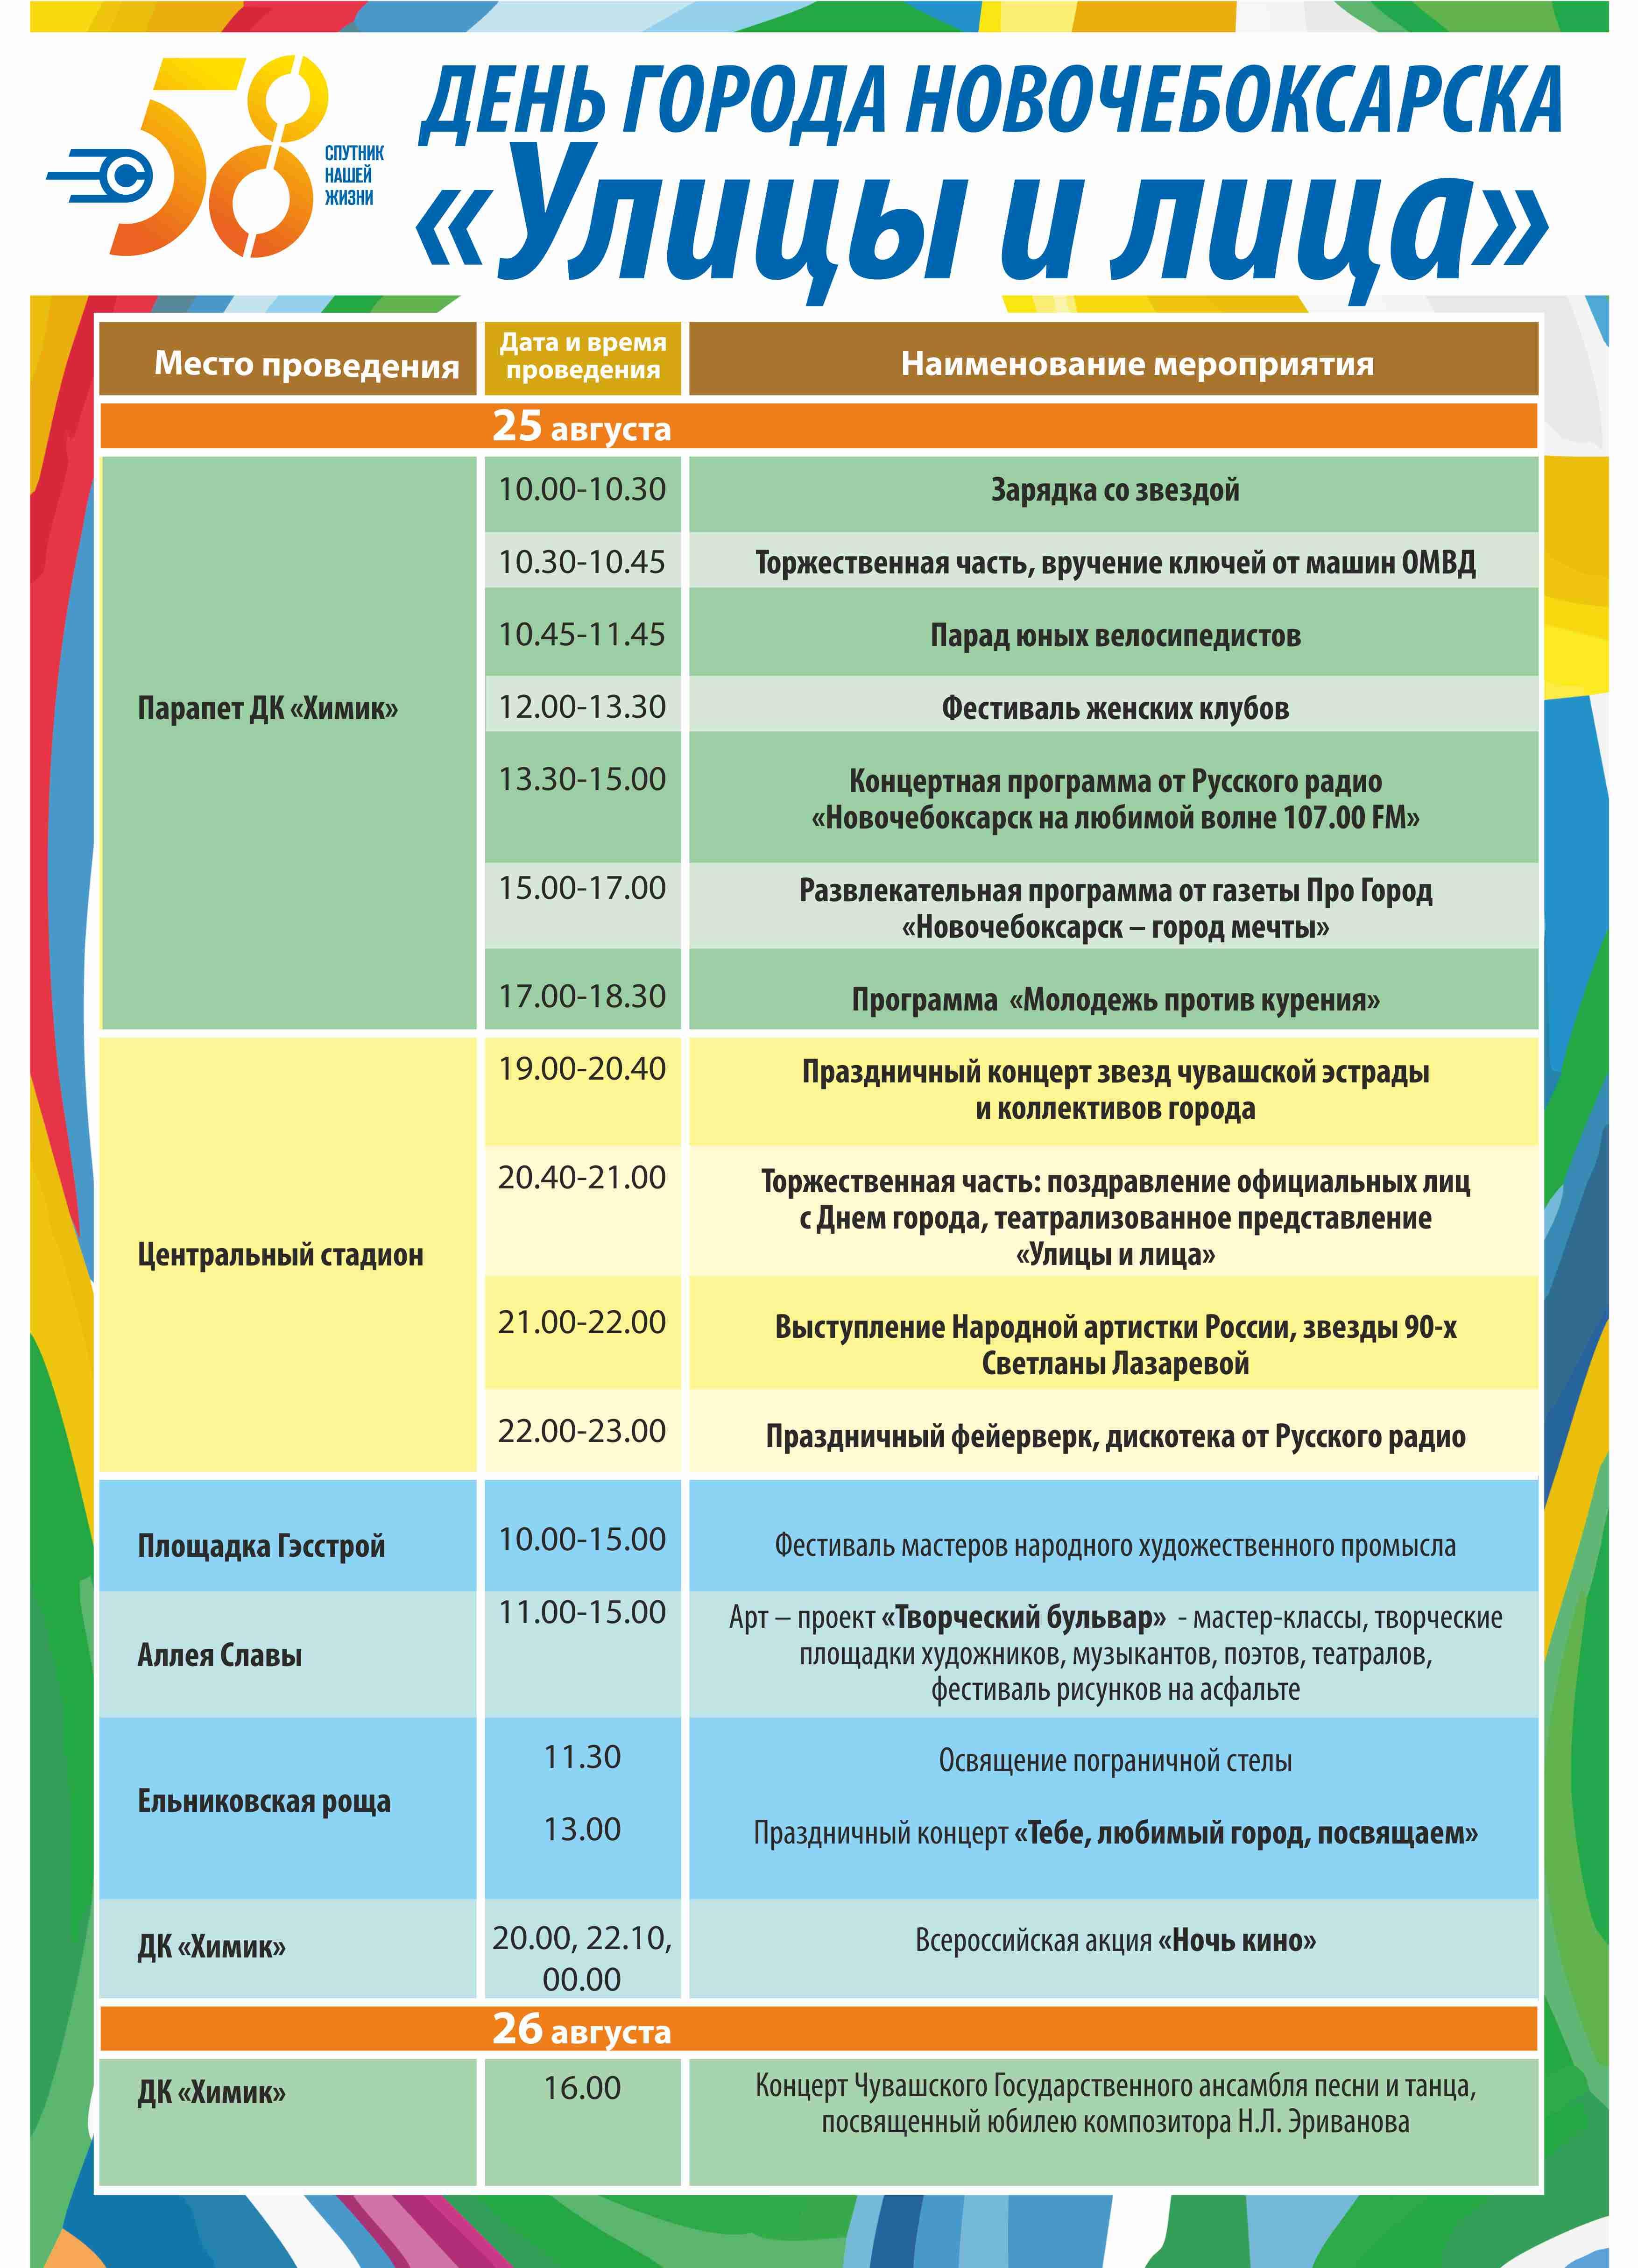 День города Новочебоксарск 25 августа 2018 года – программа мероприятий, когда салют